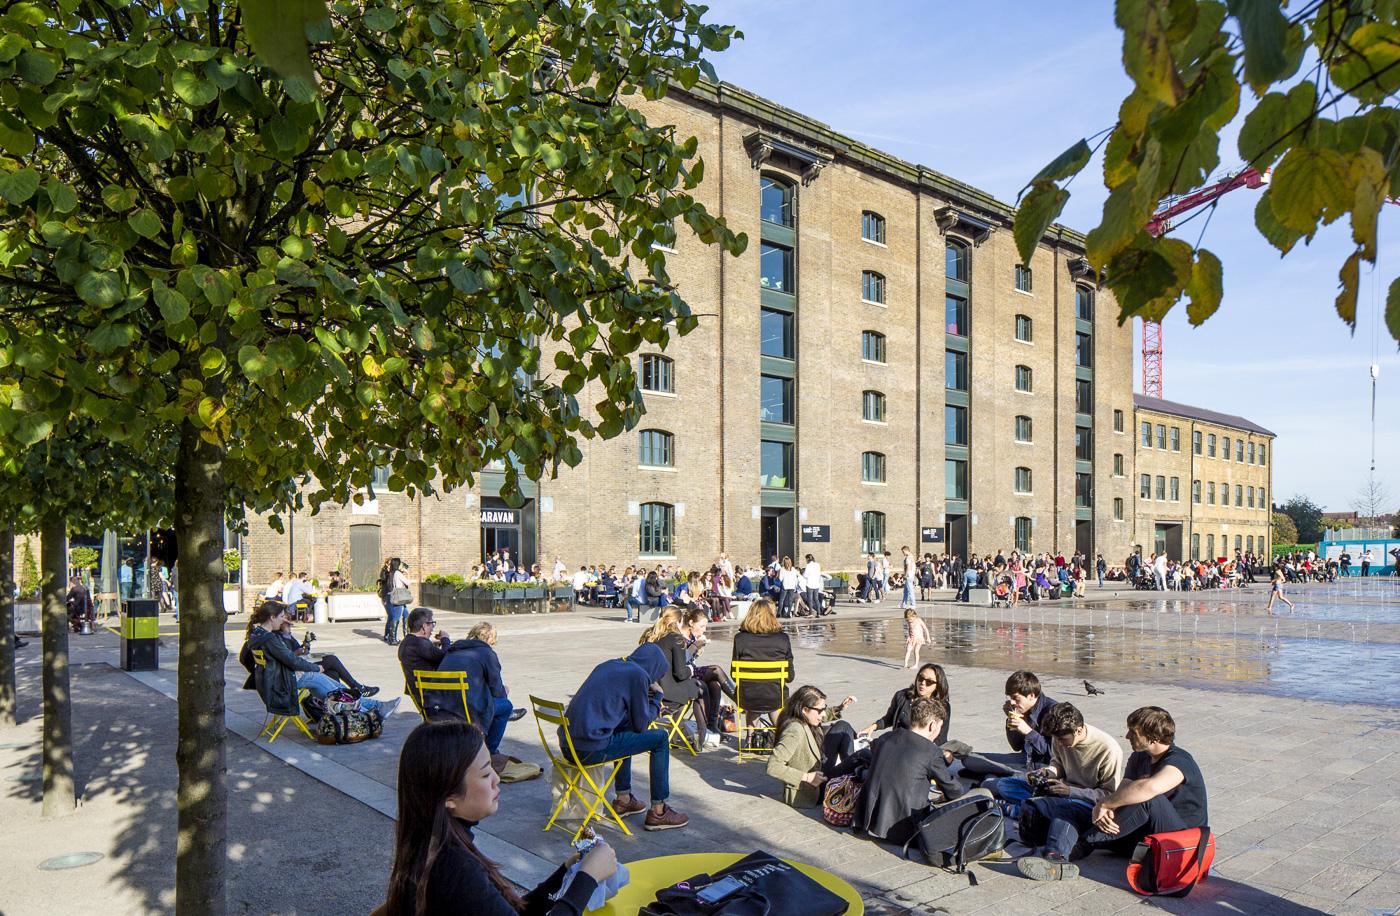 Gens assis sous les arbres, devant les fontaines et l'immeuble en brique de Granary Square à Londres